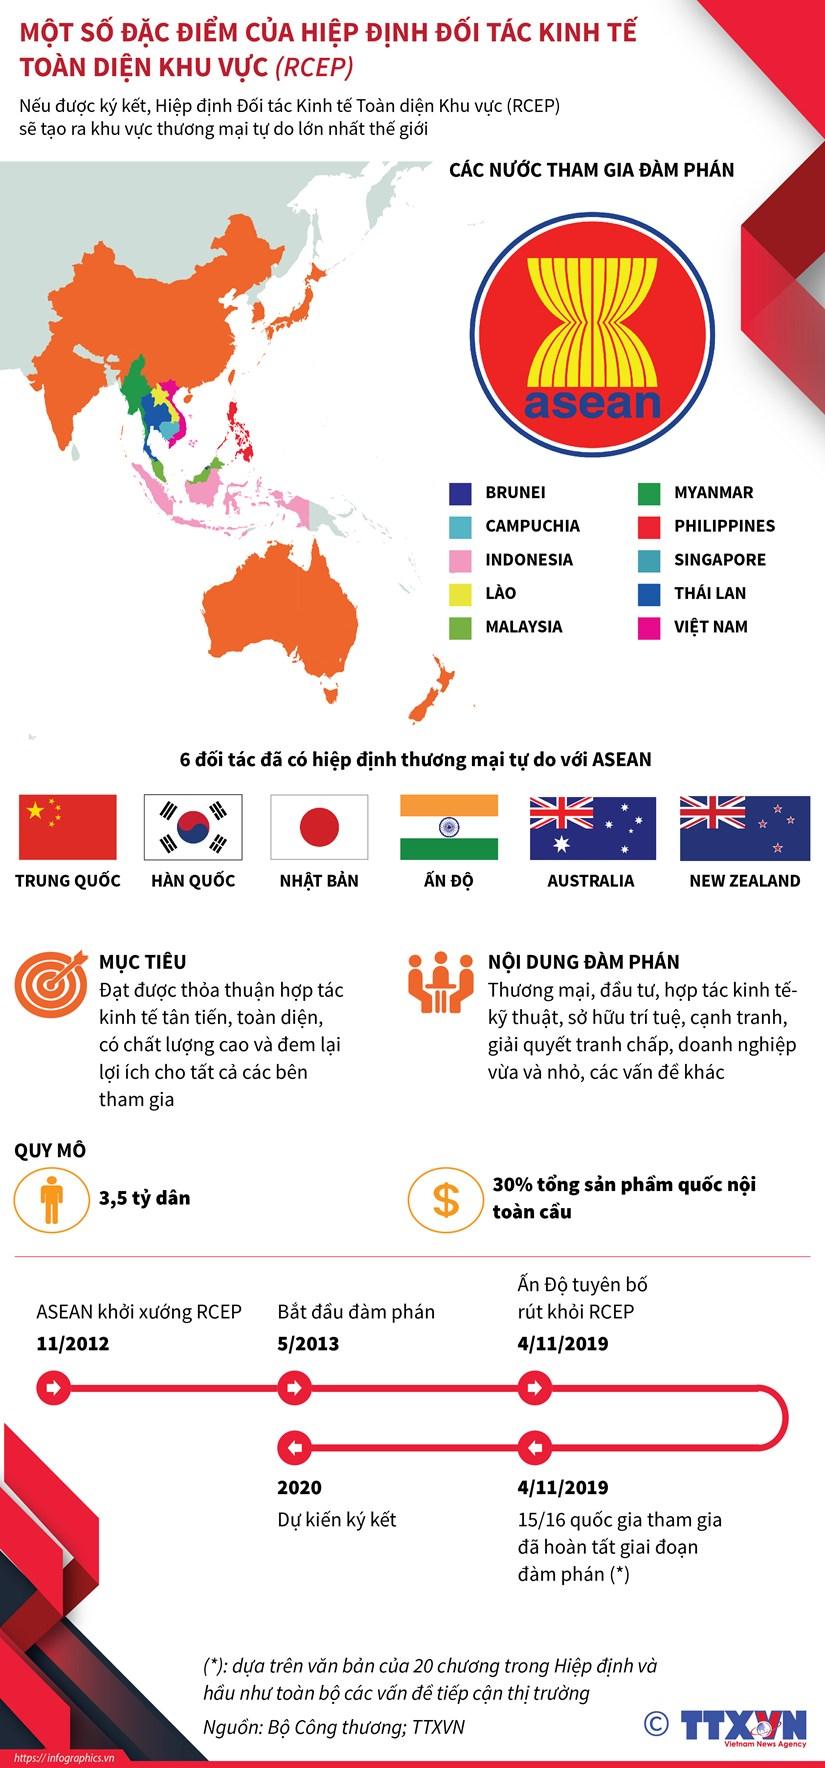 [Infographics] Dac diem Hiep dinh doi tac kinh te toan dien khu vuc hinh anh 1